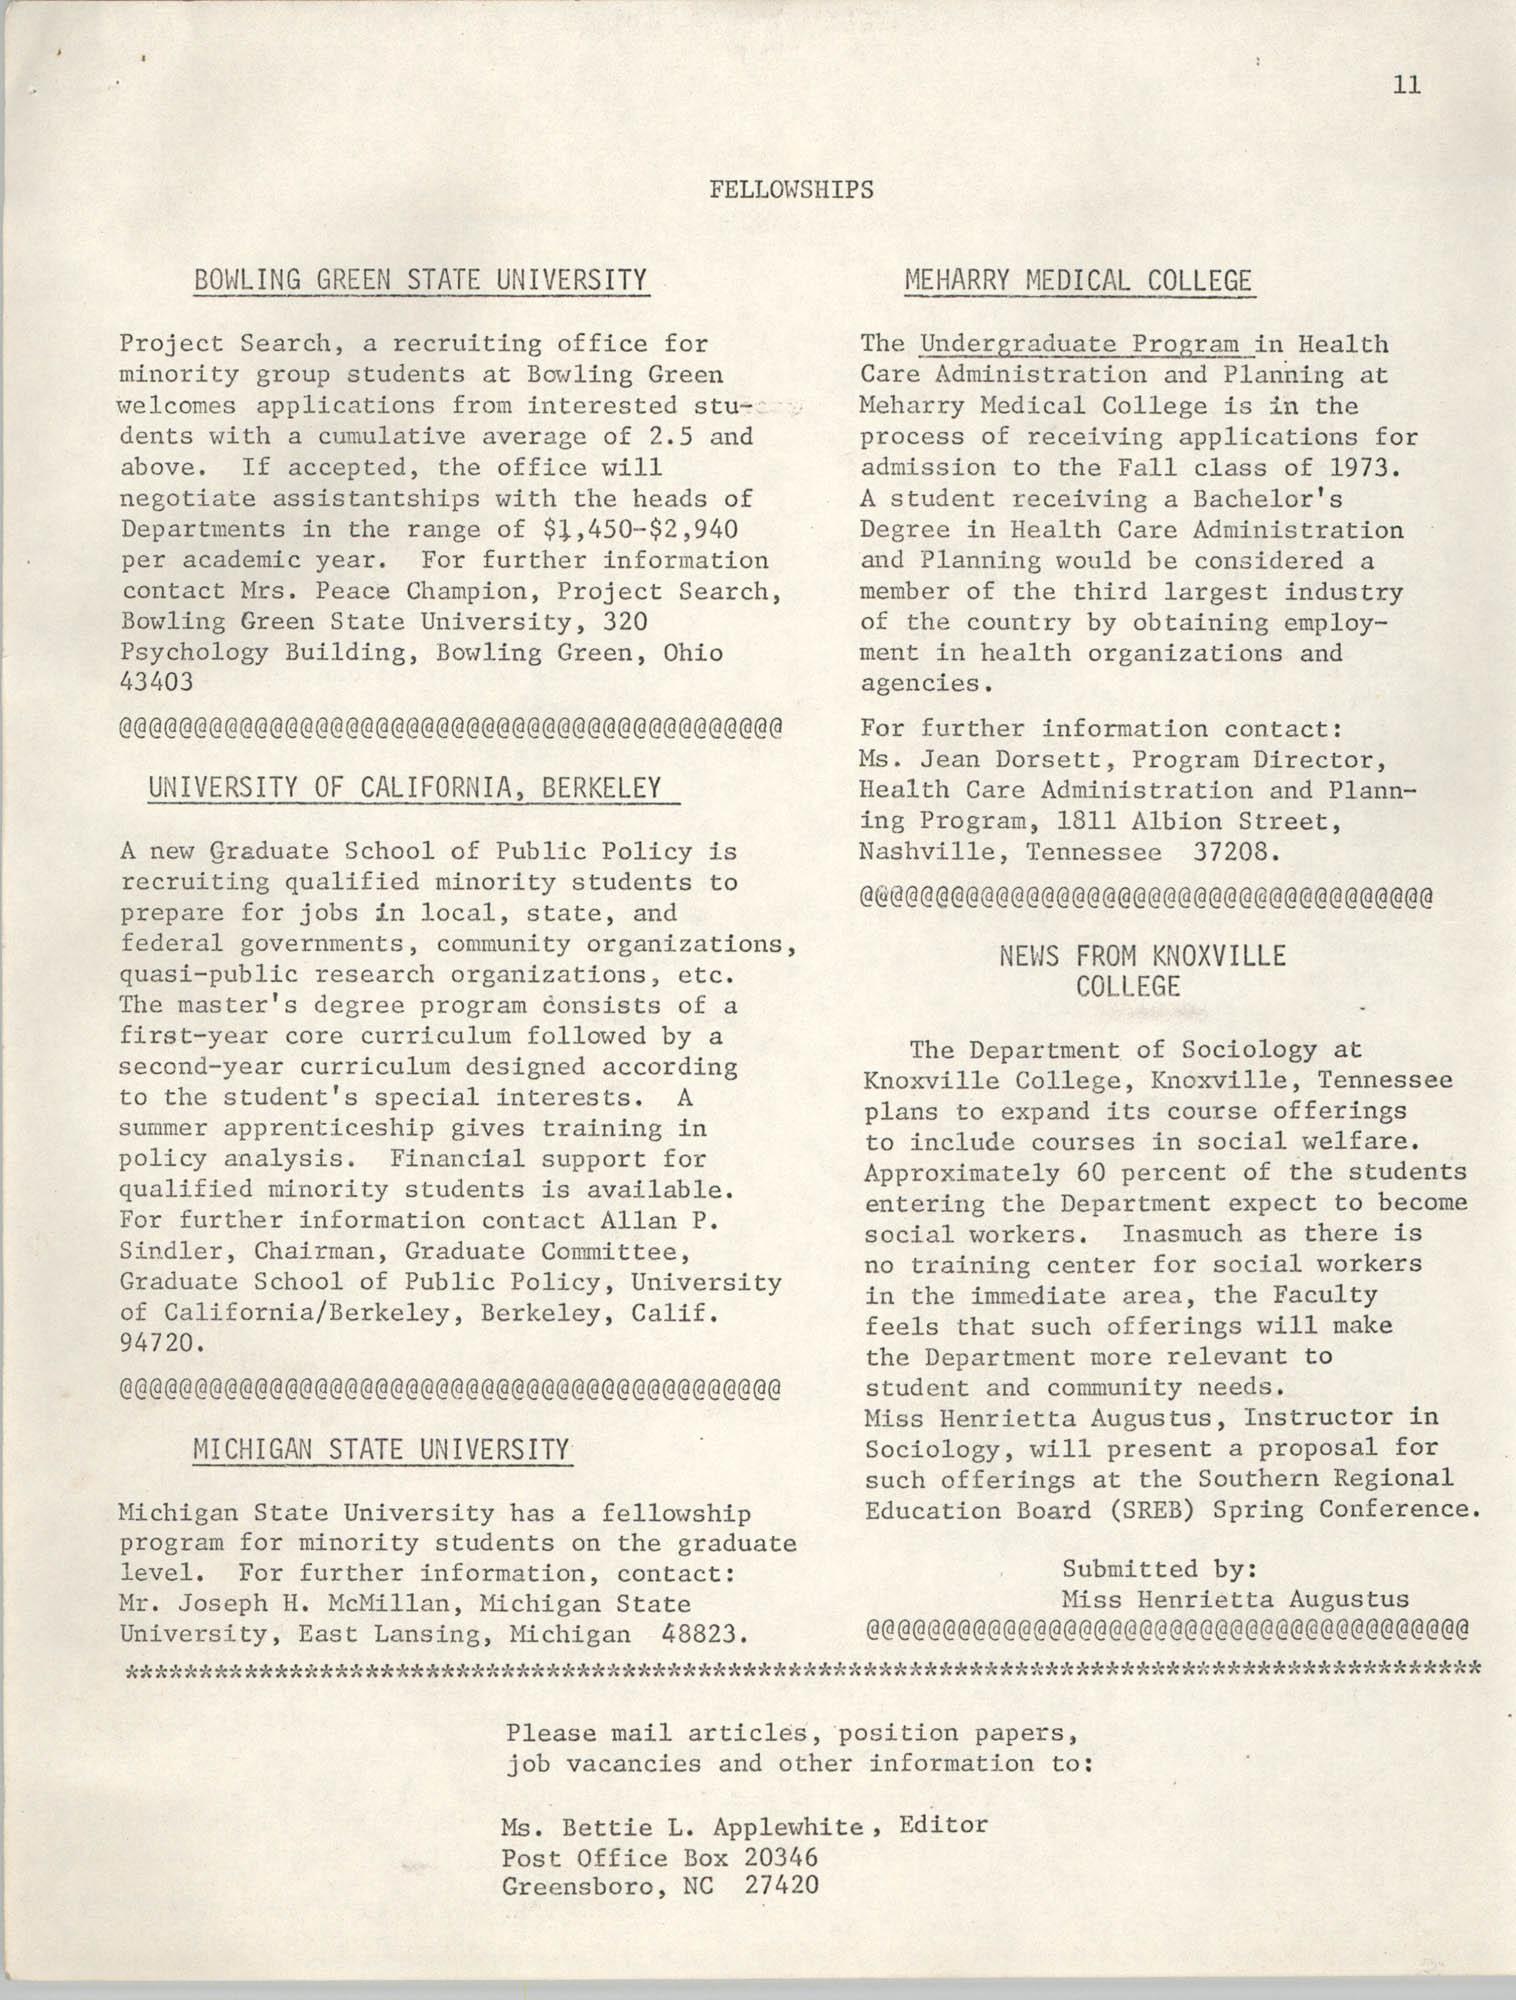 SHARE, Volume I, Number 8, April 1973, Page 11